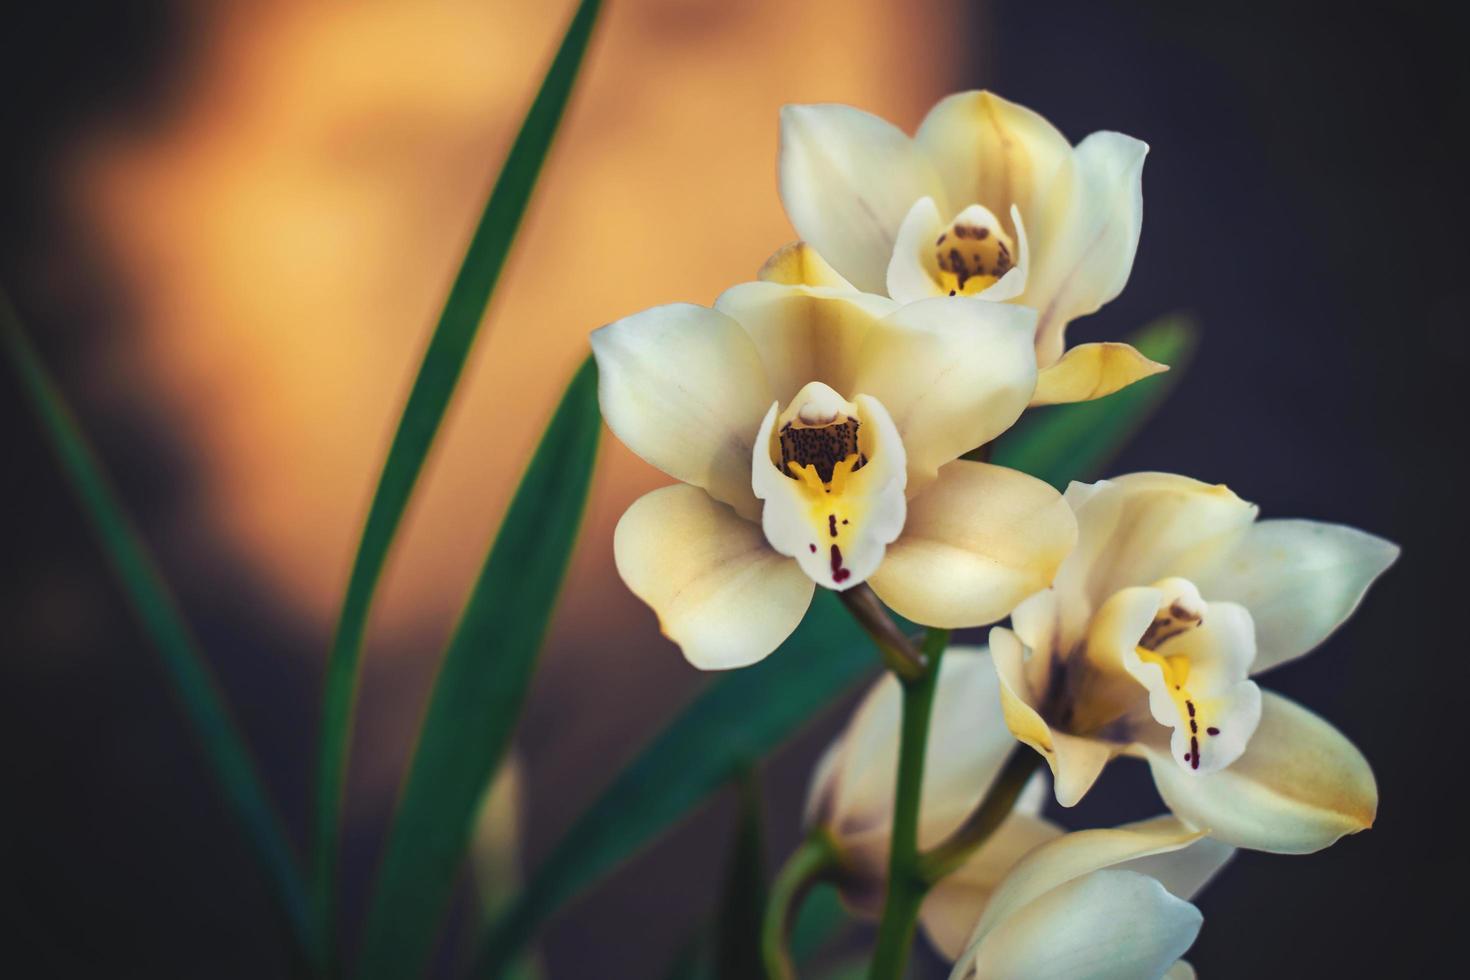 fleurs d'orchidées blanches et jaunes photo